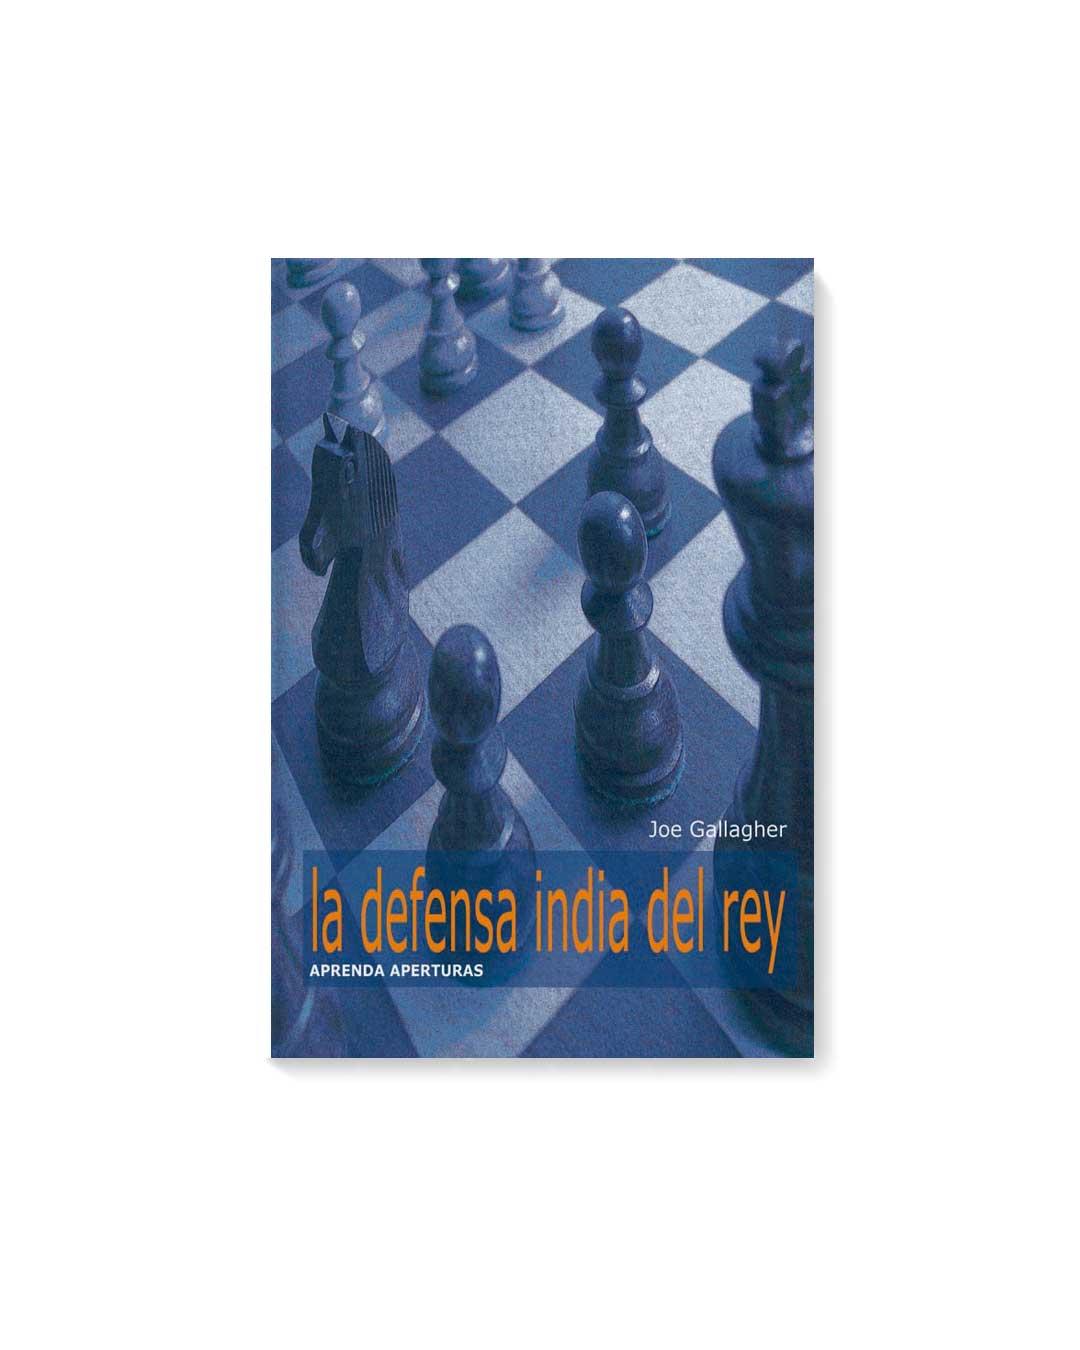 La Defensa India de Rey - Joe Gallagher